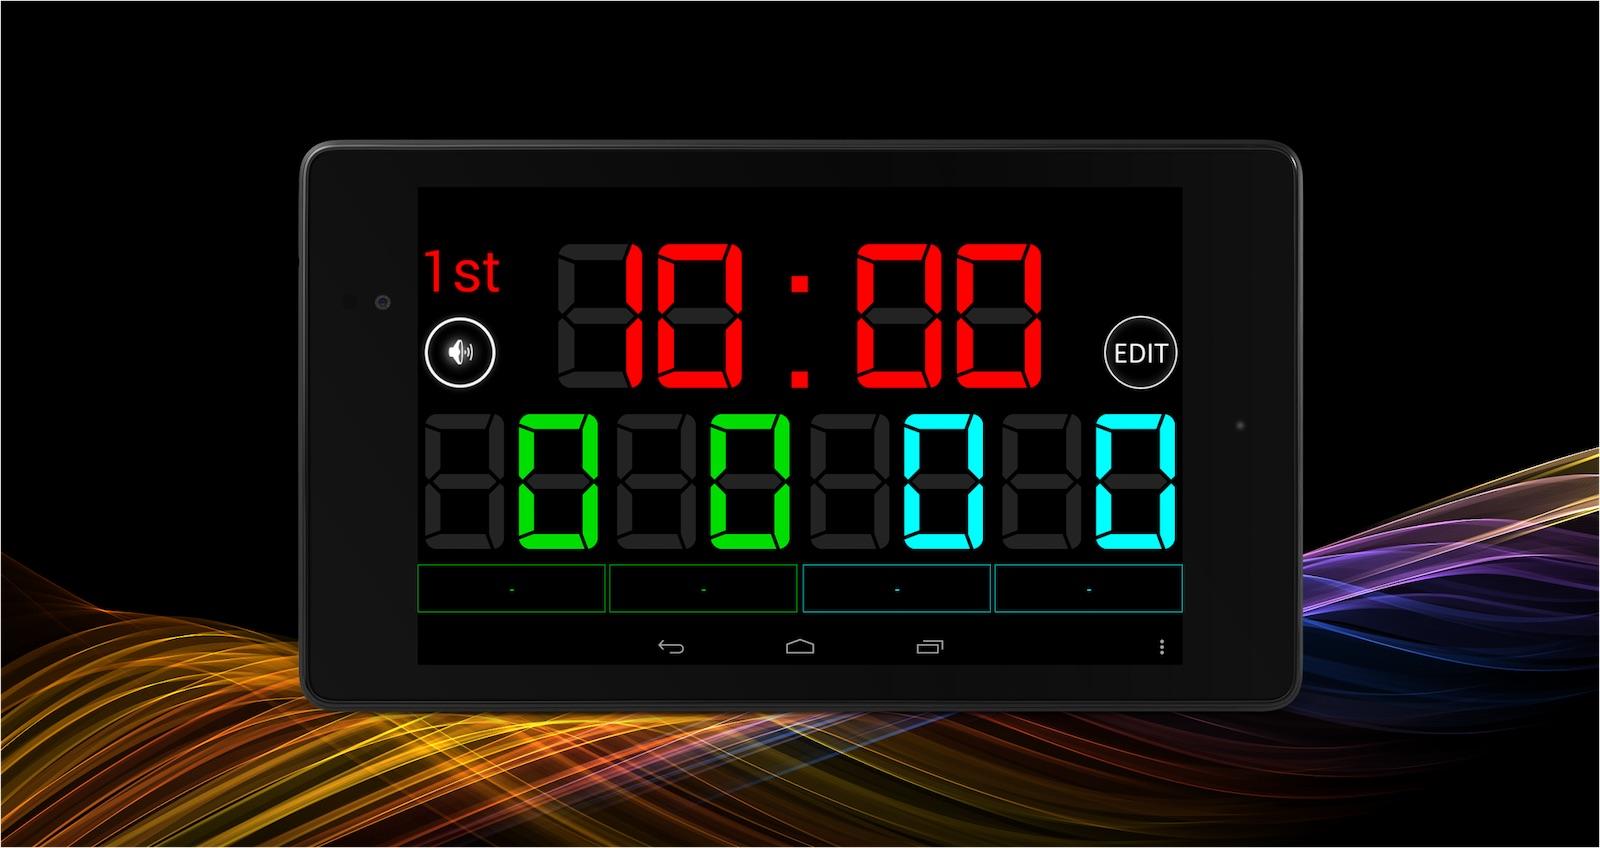 7. Scoreboard Multi